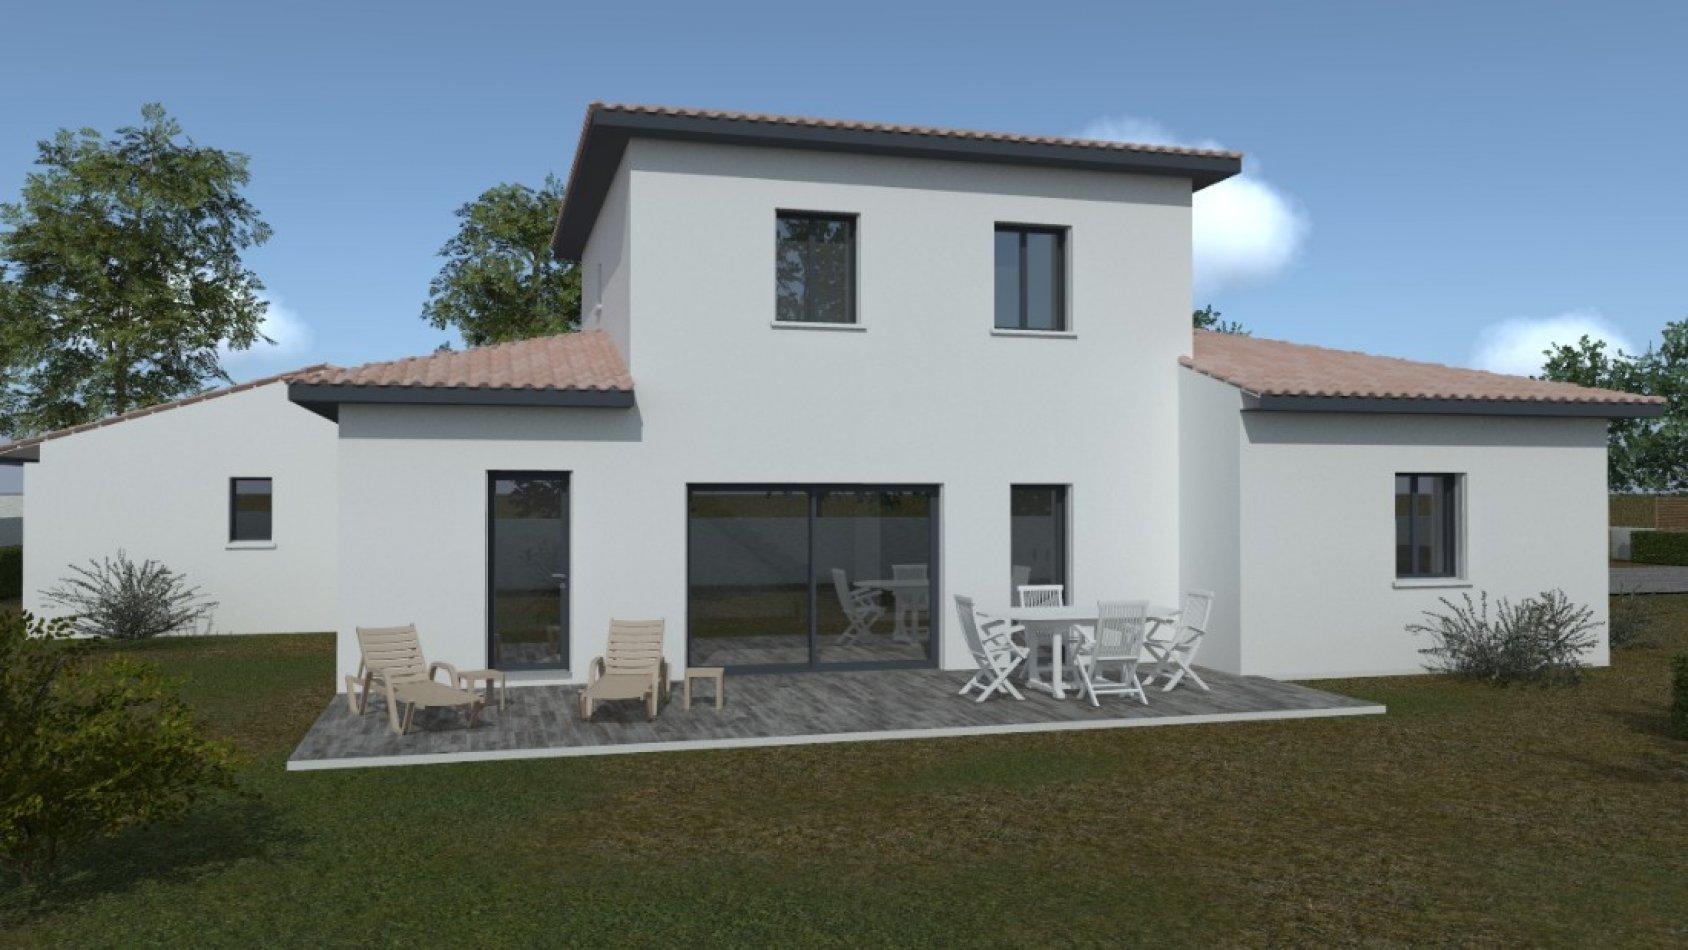 Porche D Entrée Maison Contemporaine maison contemporaine à étage de 124m² avec 4 chambres et